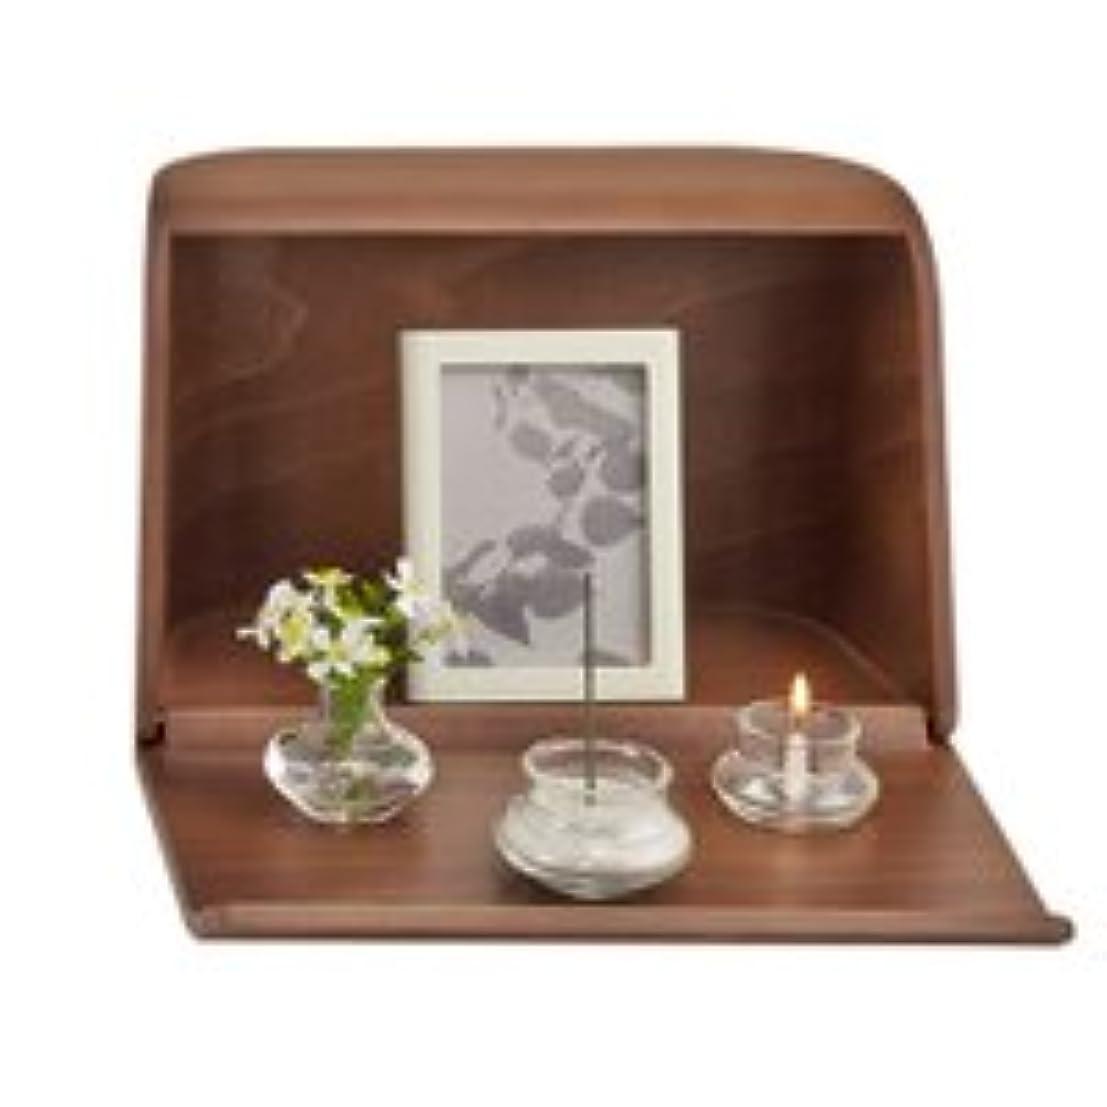 読みやすさ害ホバートやさしい時間祈りの手箱ブラウン × 2個セット